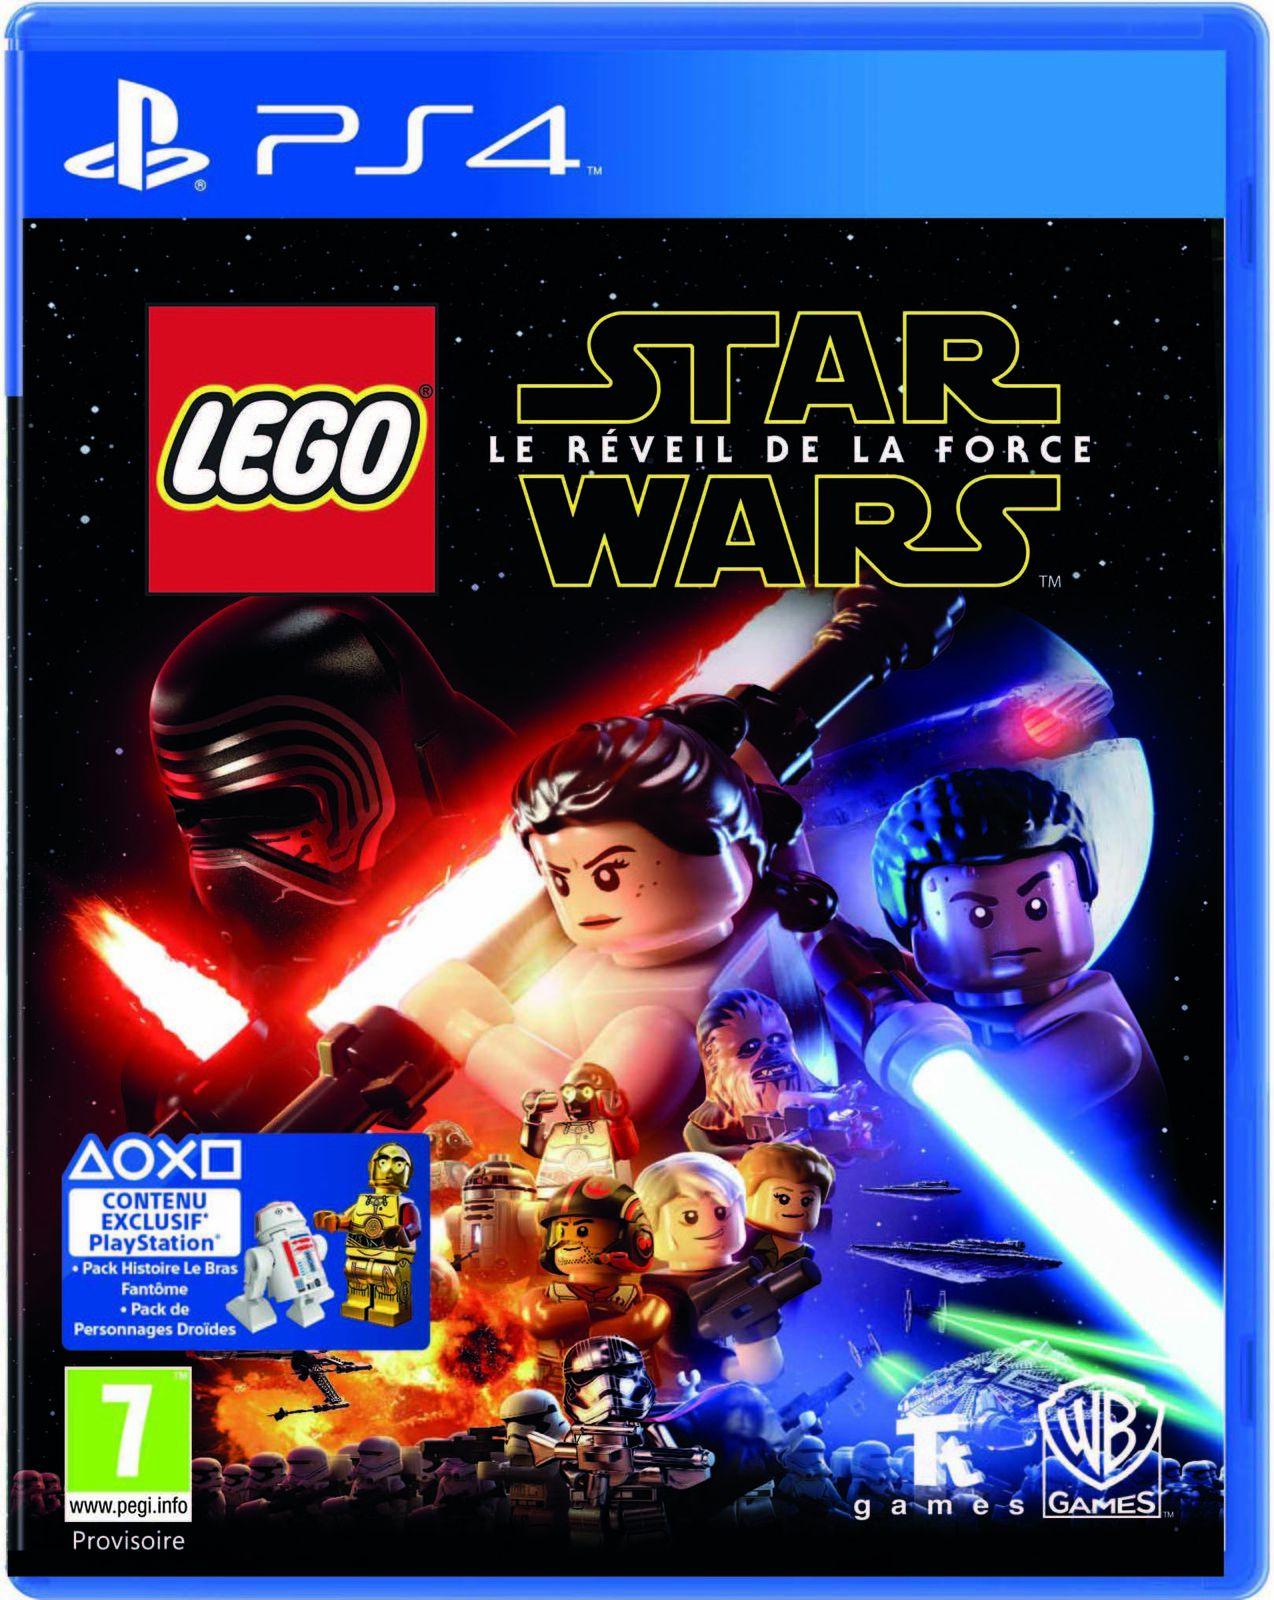 Lego Star Wars le réveil de la force c'est du classique, du classique, et encore du classique. Oui mais du classique qui touche au sublime je trouve. Cet opus amène un supplément de plaisir avec de petites nouveautés de gameplay et une manière d'approfondir l'univers du film sans le dénaturer. Je trouve dans ce jeu là, un je ne sais quoi de plus plaisant à tous les autres jeux Lego que j'ai pu faire.,